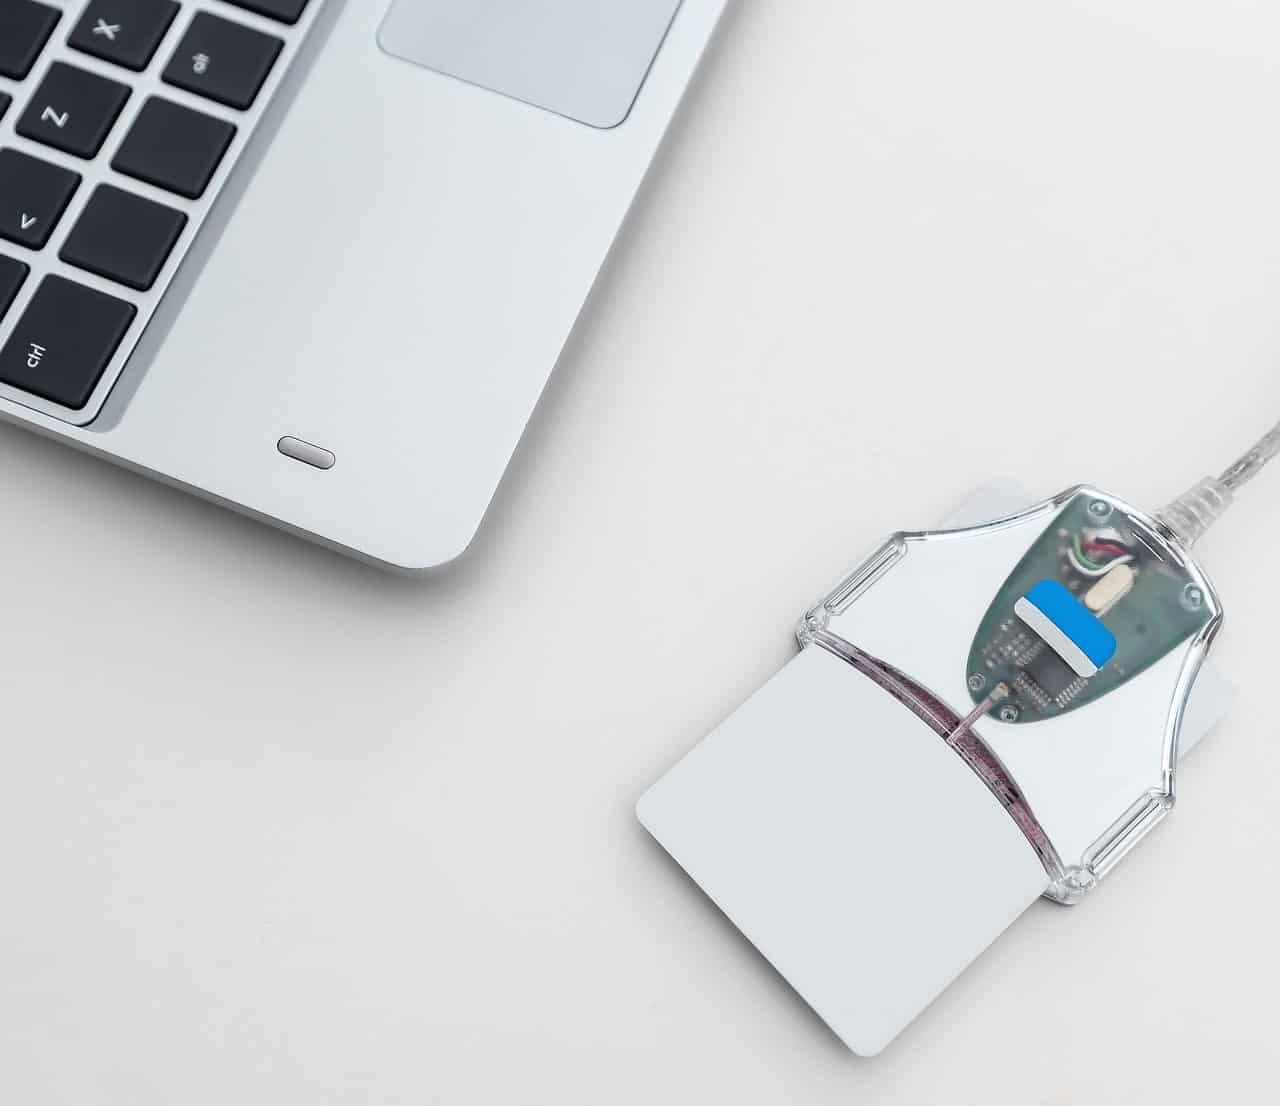 pki smart card enterprise